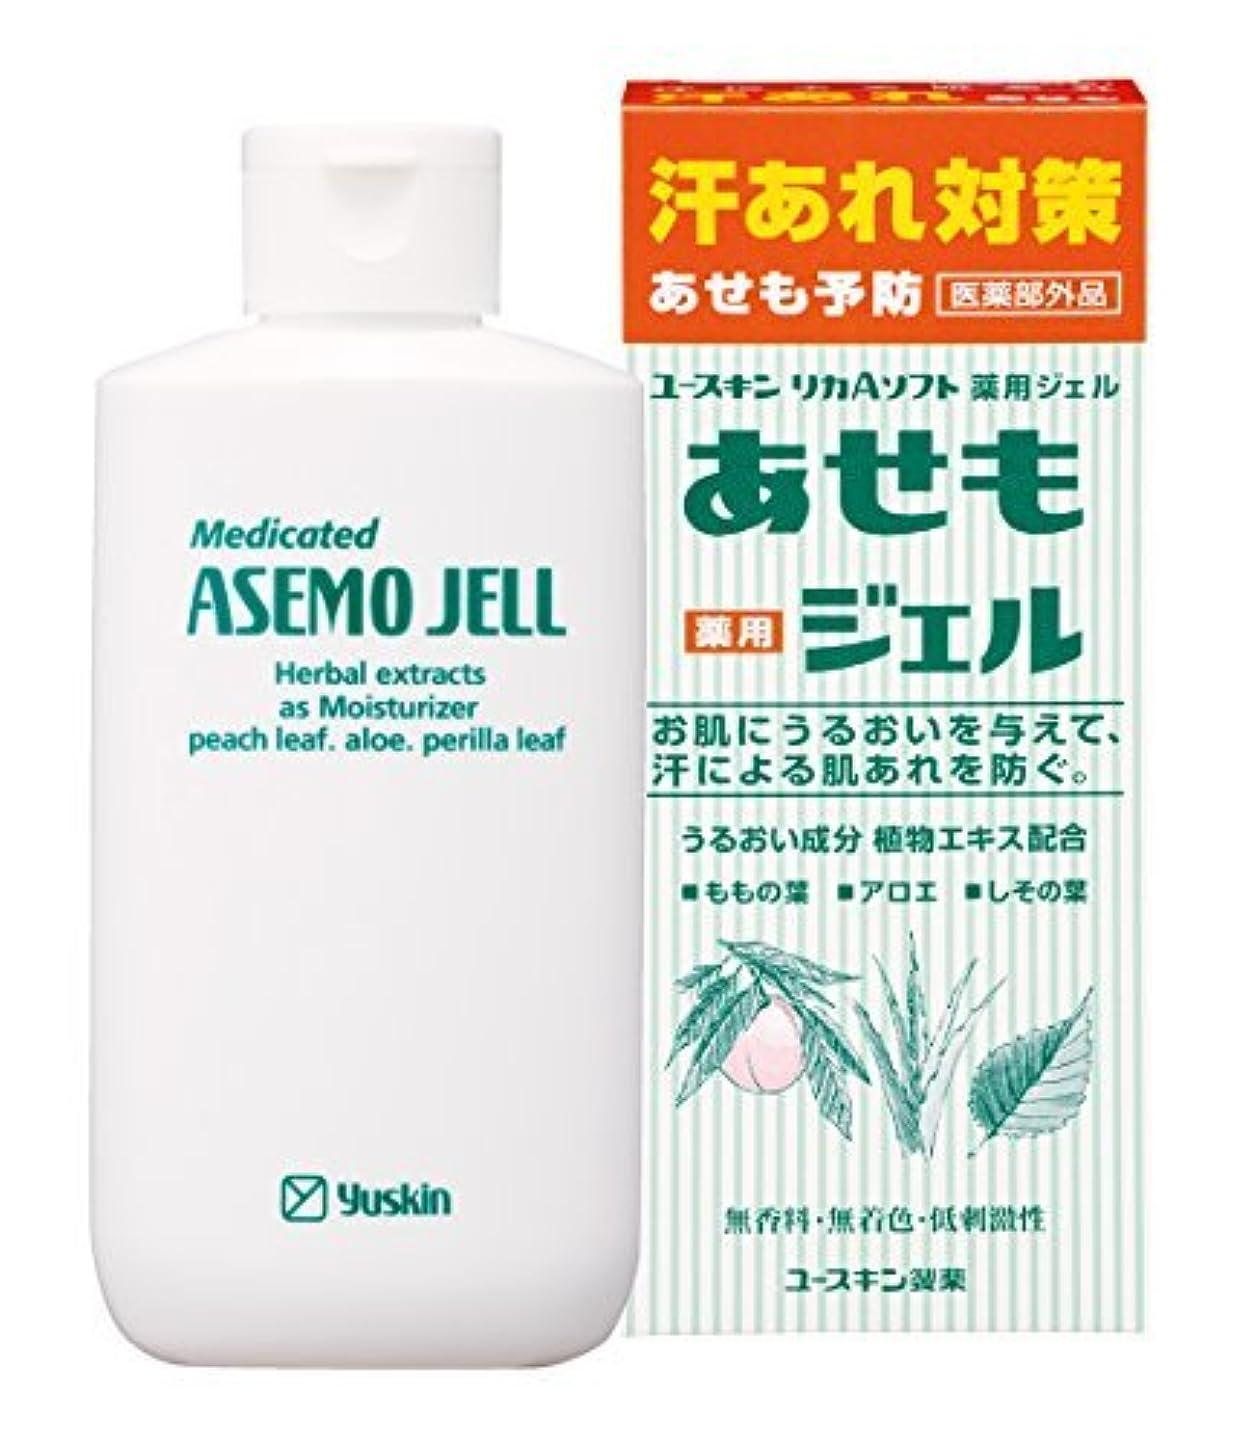 繊毛拘束廃止【6個】ユースキン 薬用あせもジェル 140mlx6個(4987353070415)